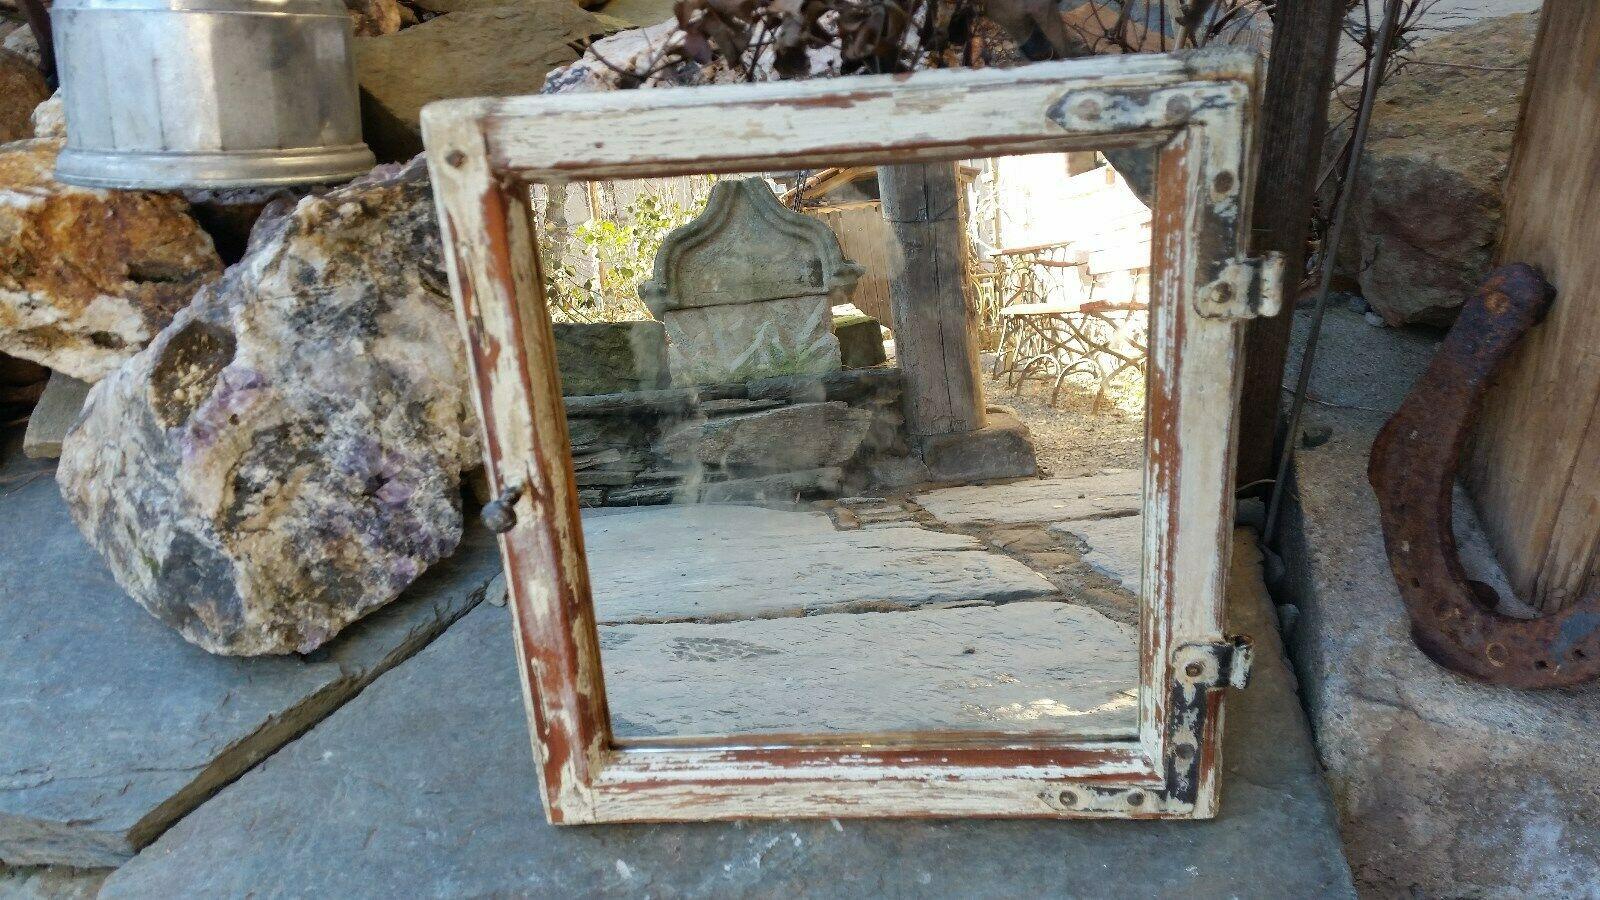 Altes Holz Fenster Spiegel Sprossenfenster Wandspiegel Holzfenster Antik Rahmen Wohnwelten Shop De Holzfenster Altholz Sprossenfenster